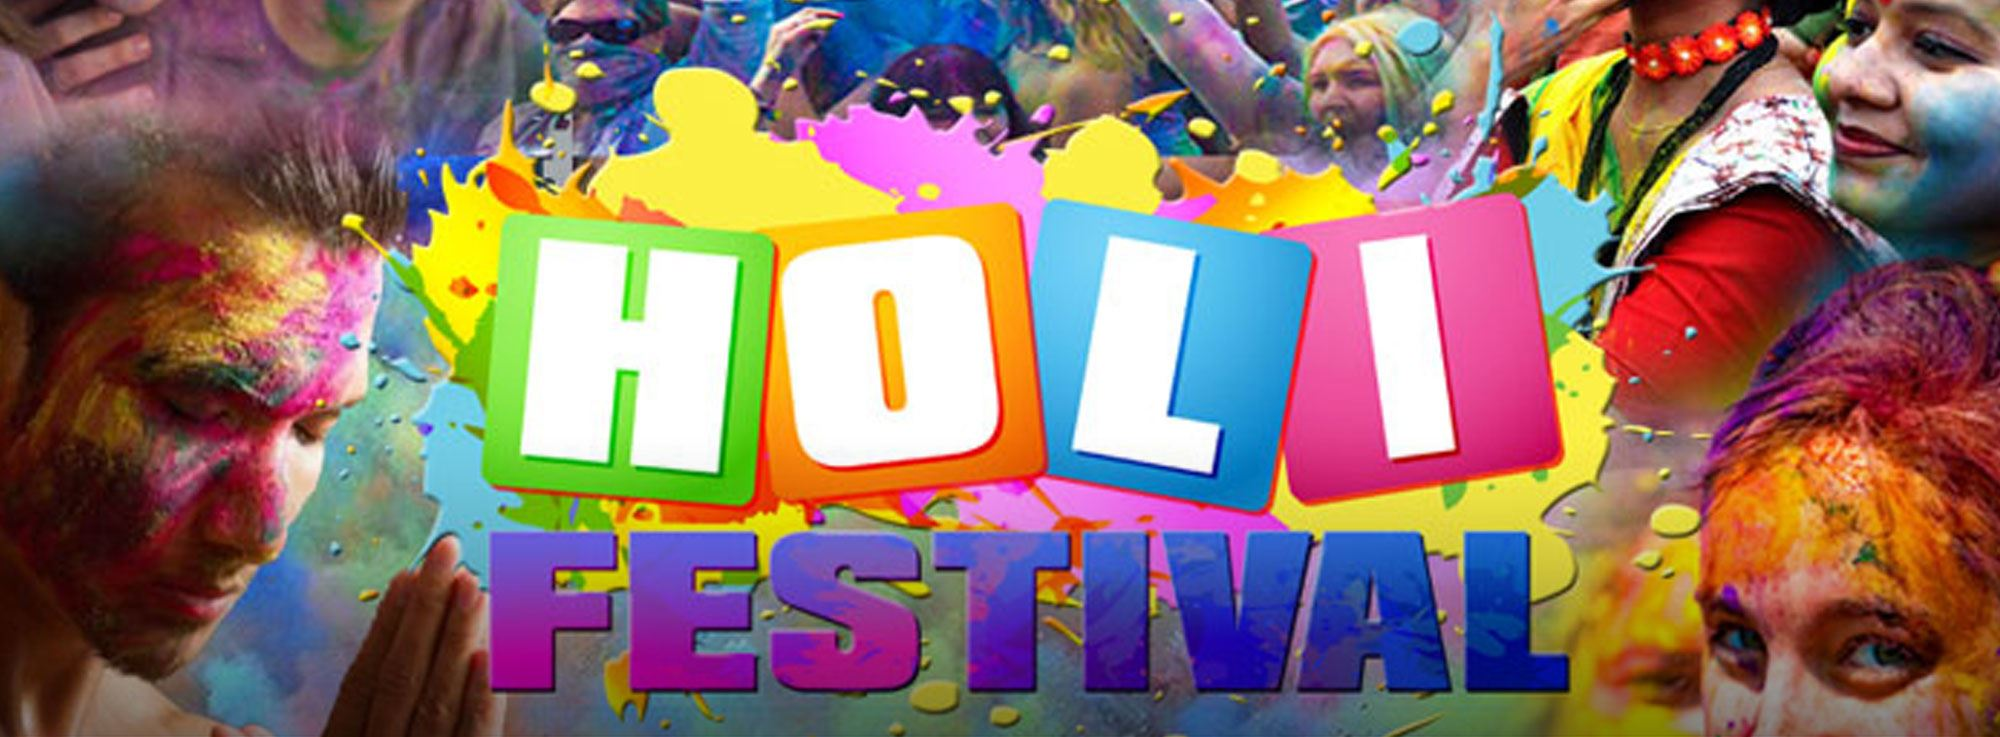 Bari: Holi Festival